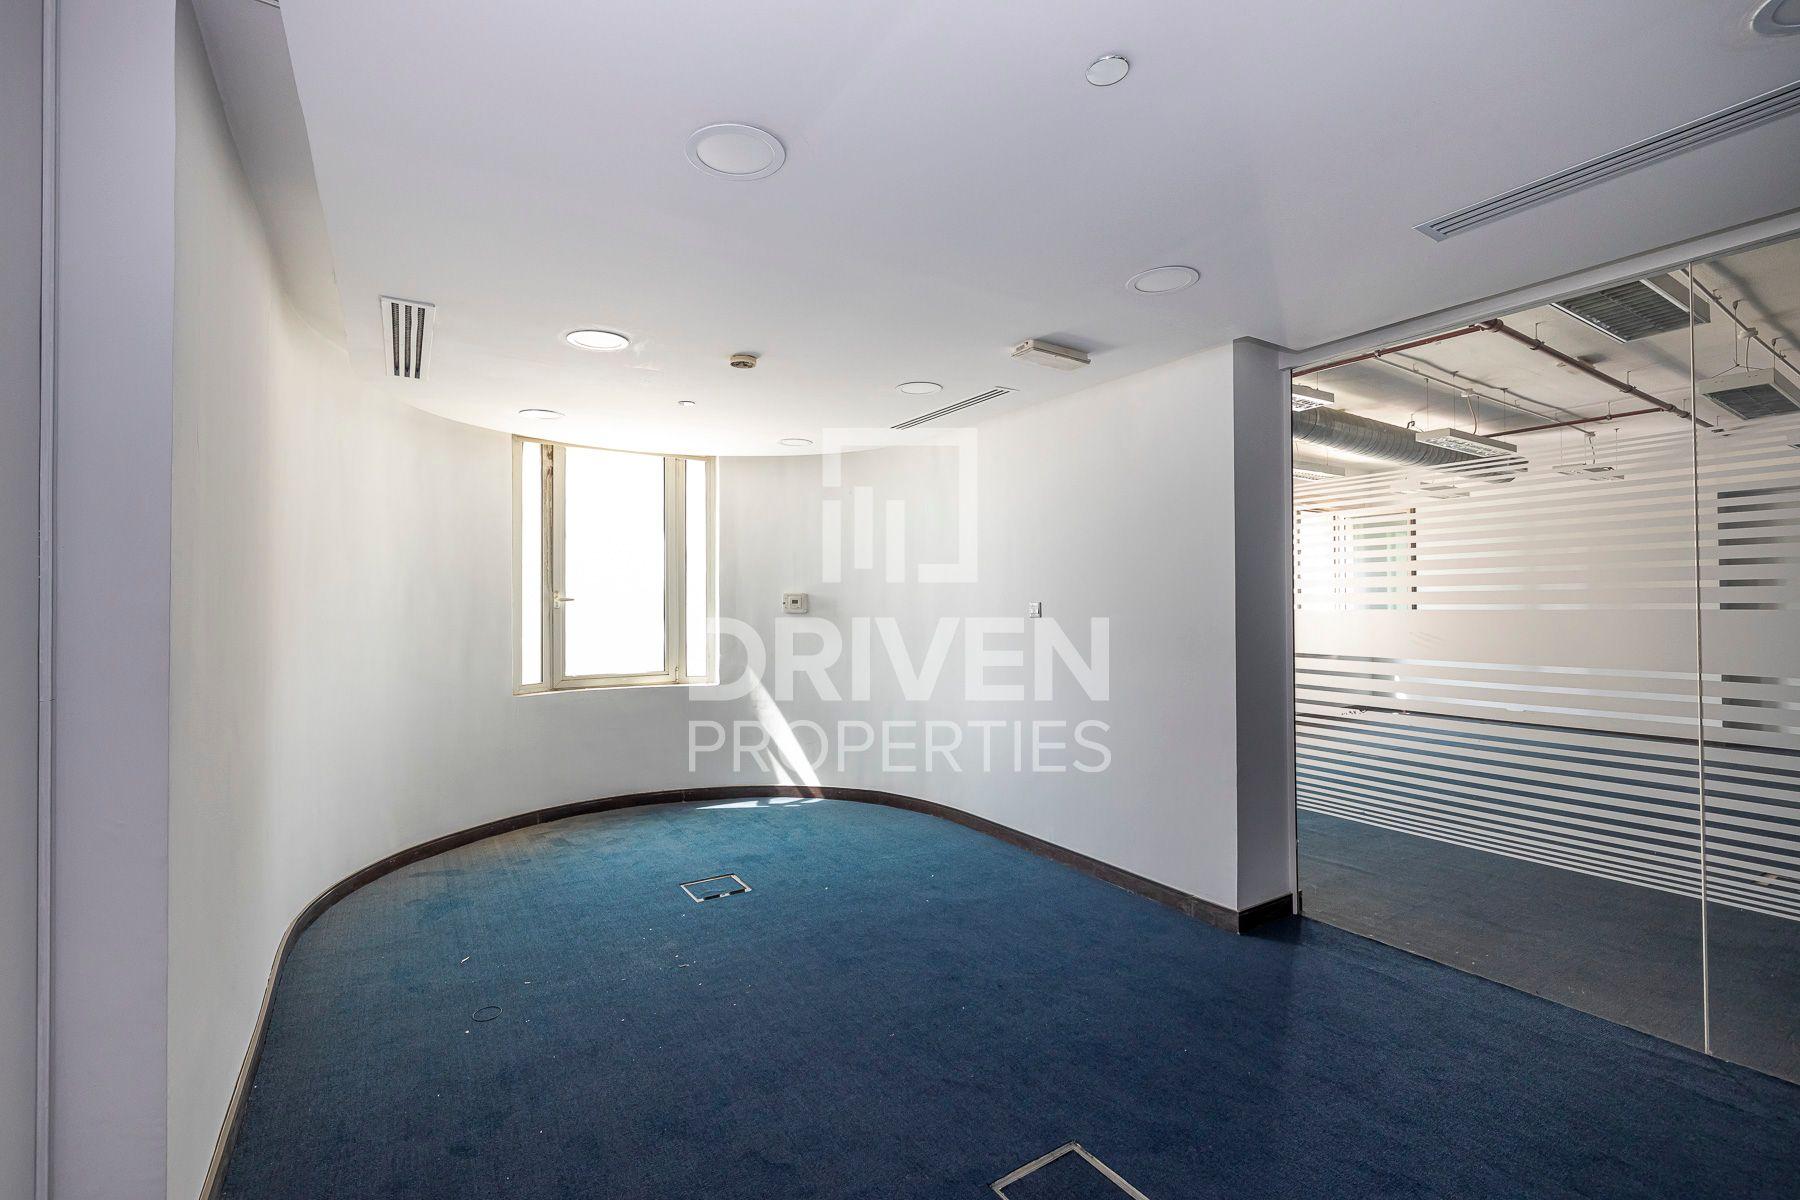 للايجار - مكتب - مبنى 47 - مدينة دبي الطبية